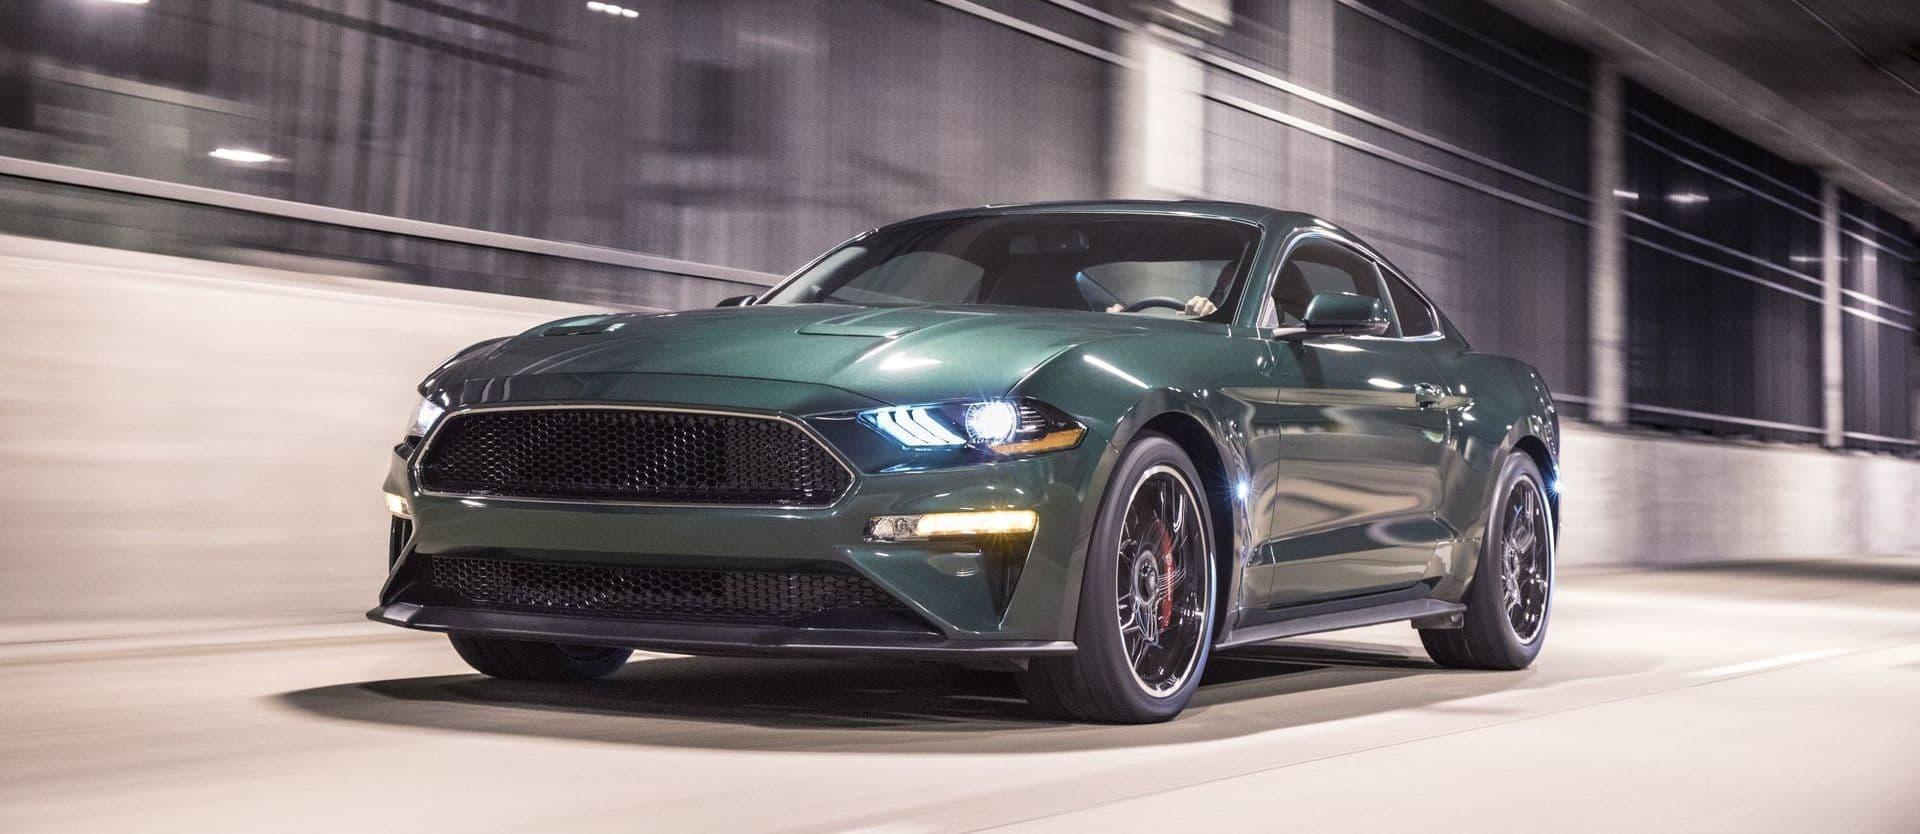 Vuelve el icónico Ford Mustang Bullitt, con 475 CV y homenaje a Steve McQueen de serie